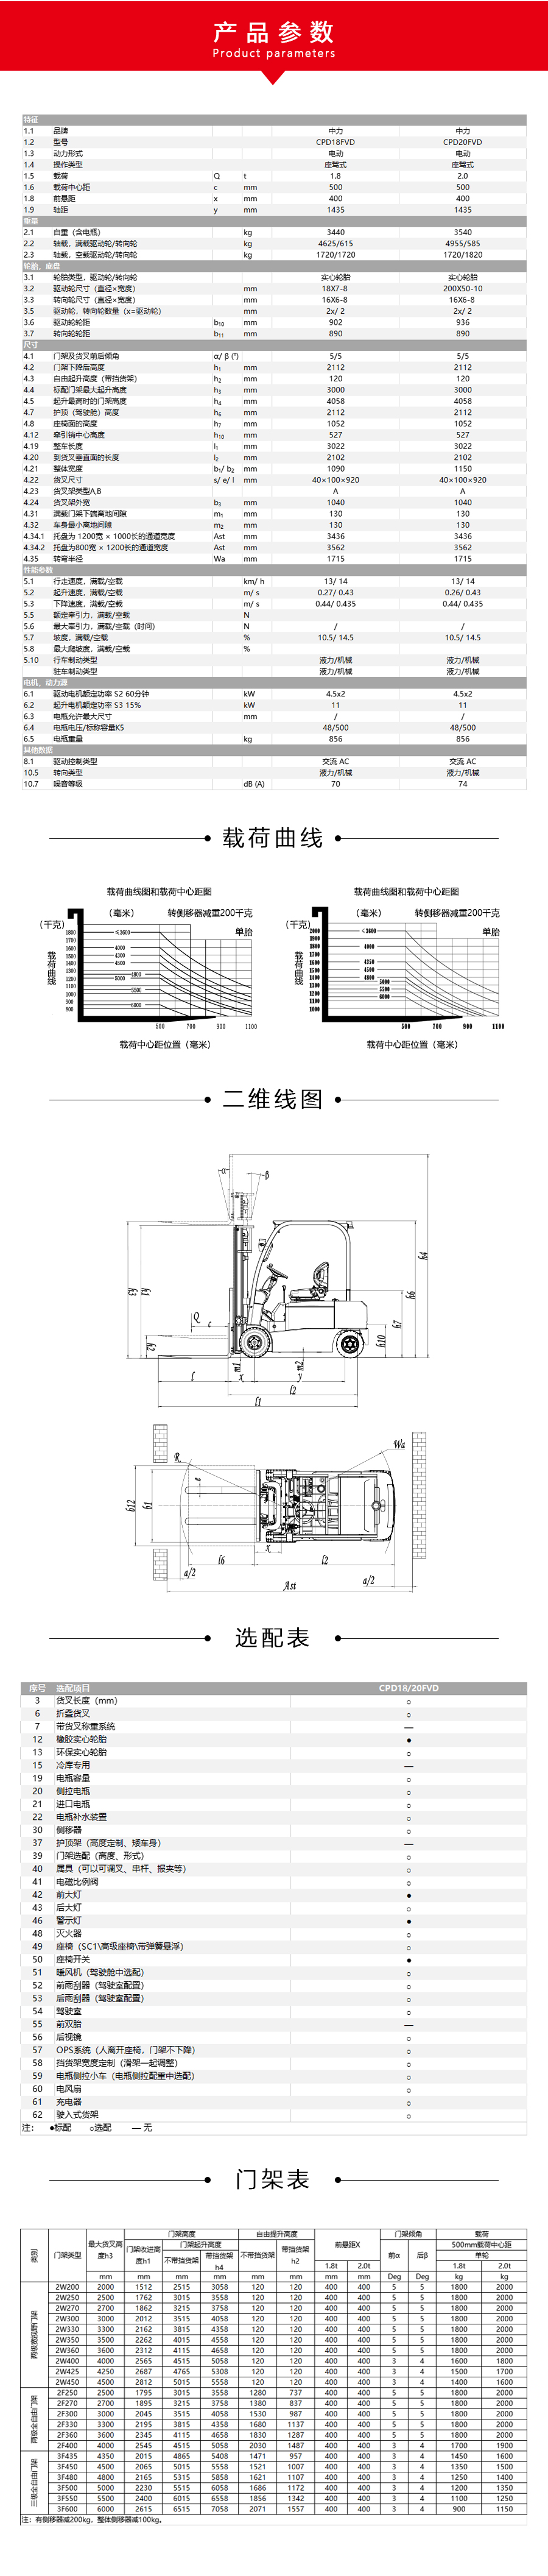 中力 1.8/2.0吨电动平衡重叉车 CPD18/20FVD